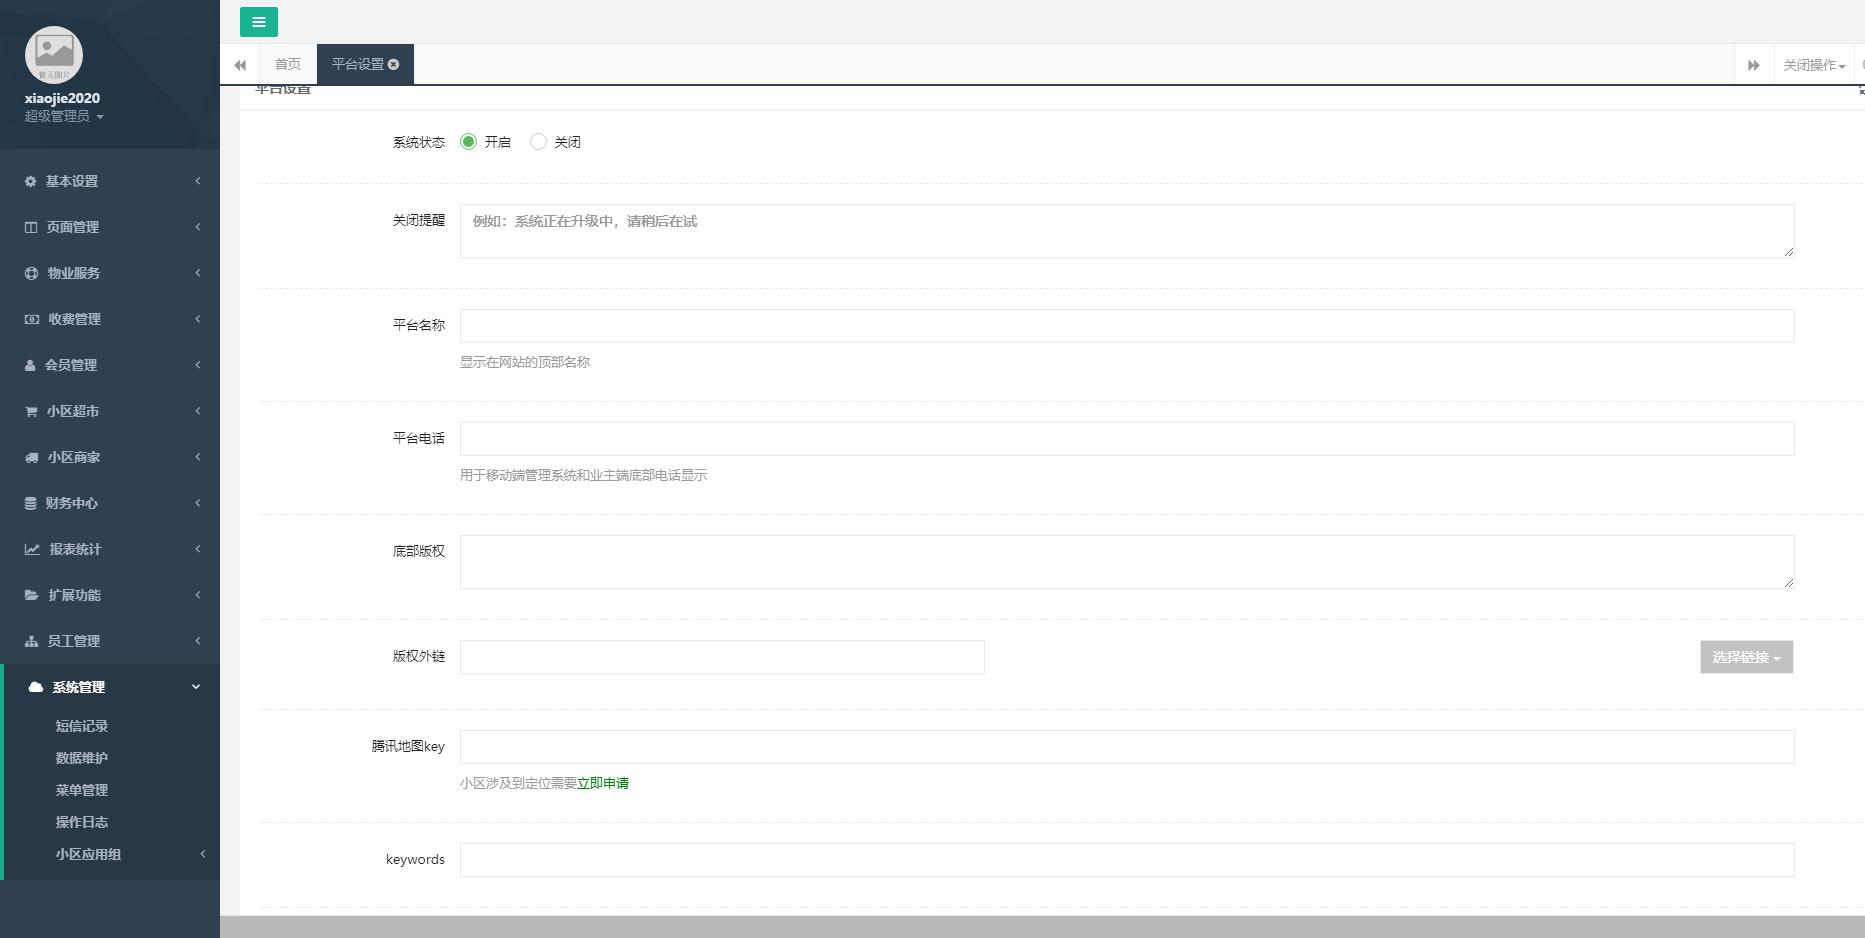 微擎模块、微小区10.3.7开源版|智慧小区管理系统